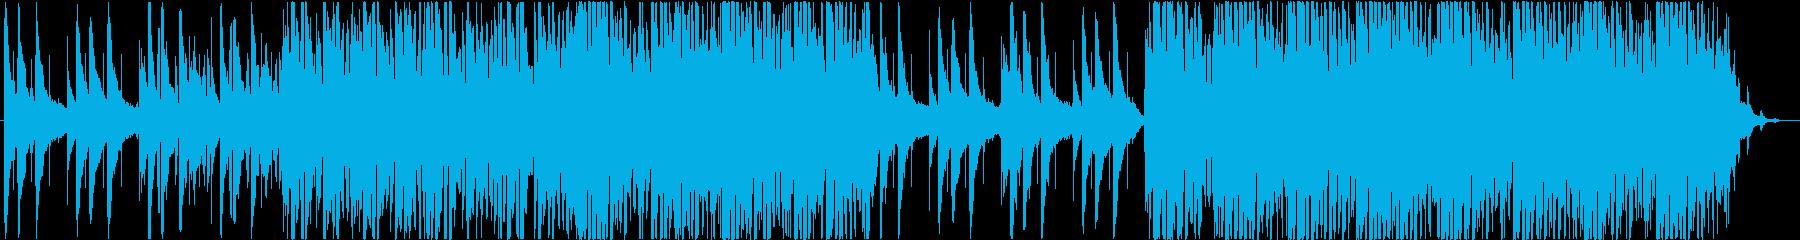 代替案 ポップ 感情的 バラード ...の再生済みの波形